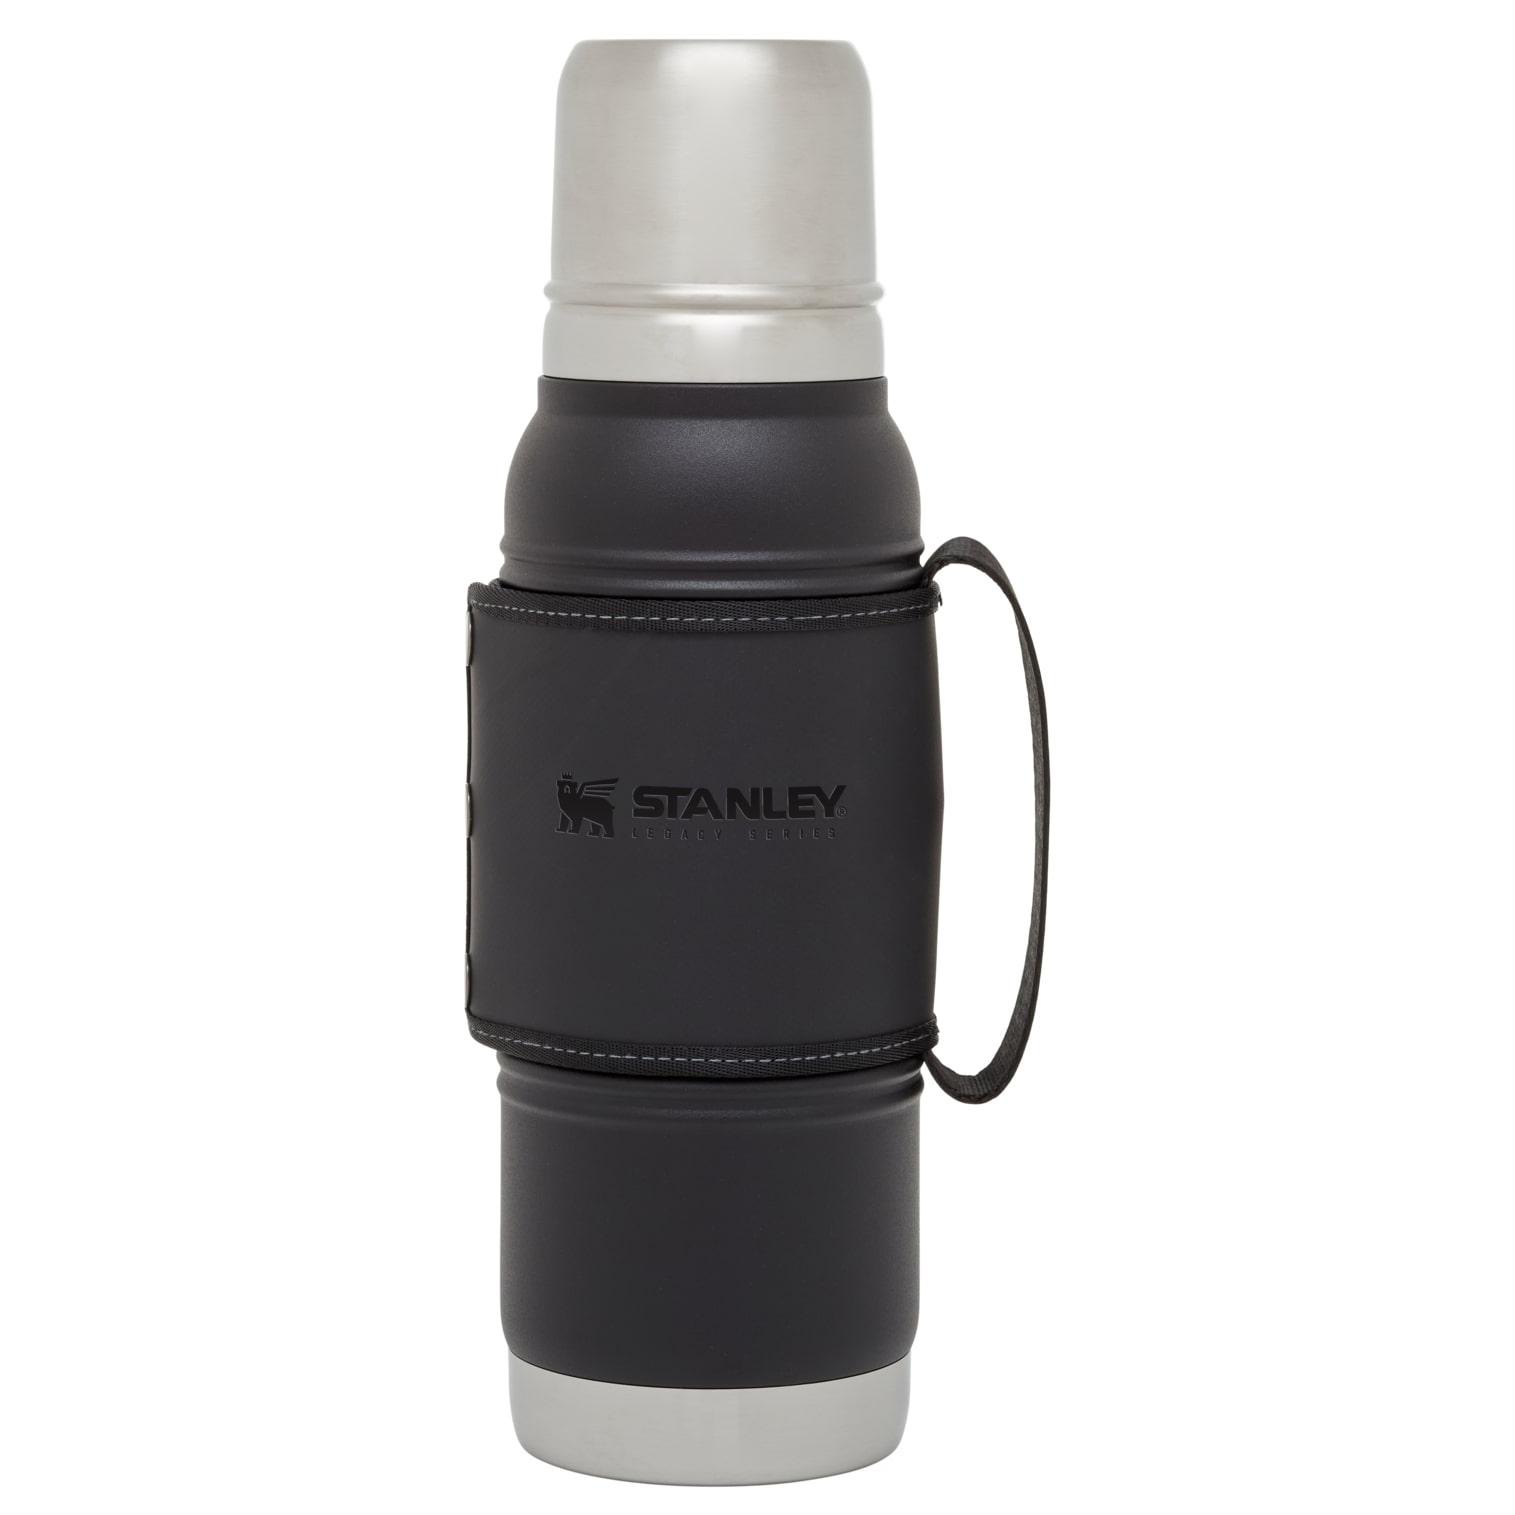 Bình Giữ Nhiệt Stanley Legacy Quadvac 1L - Black